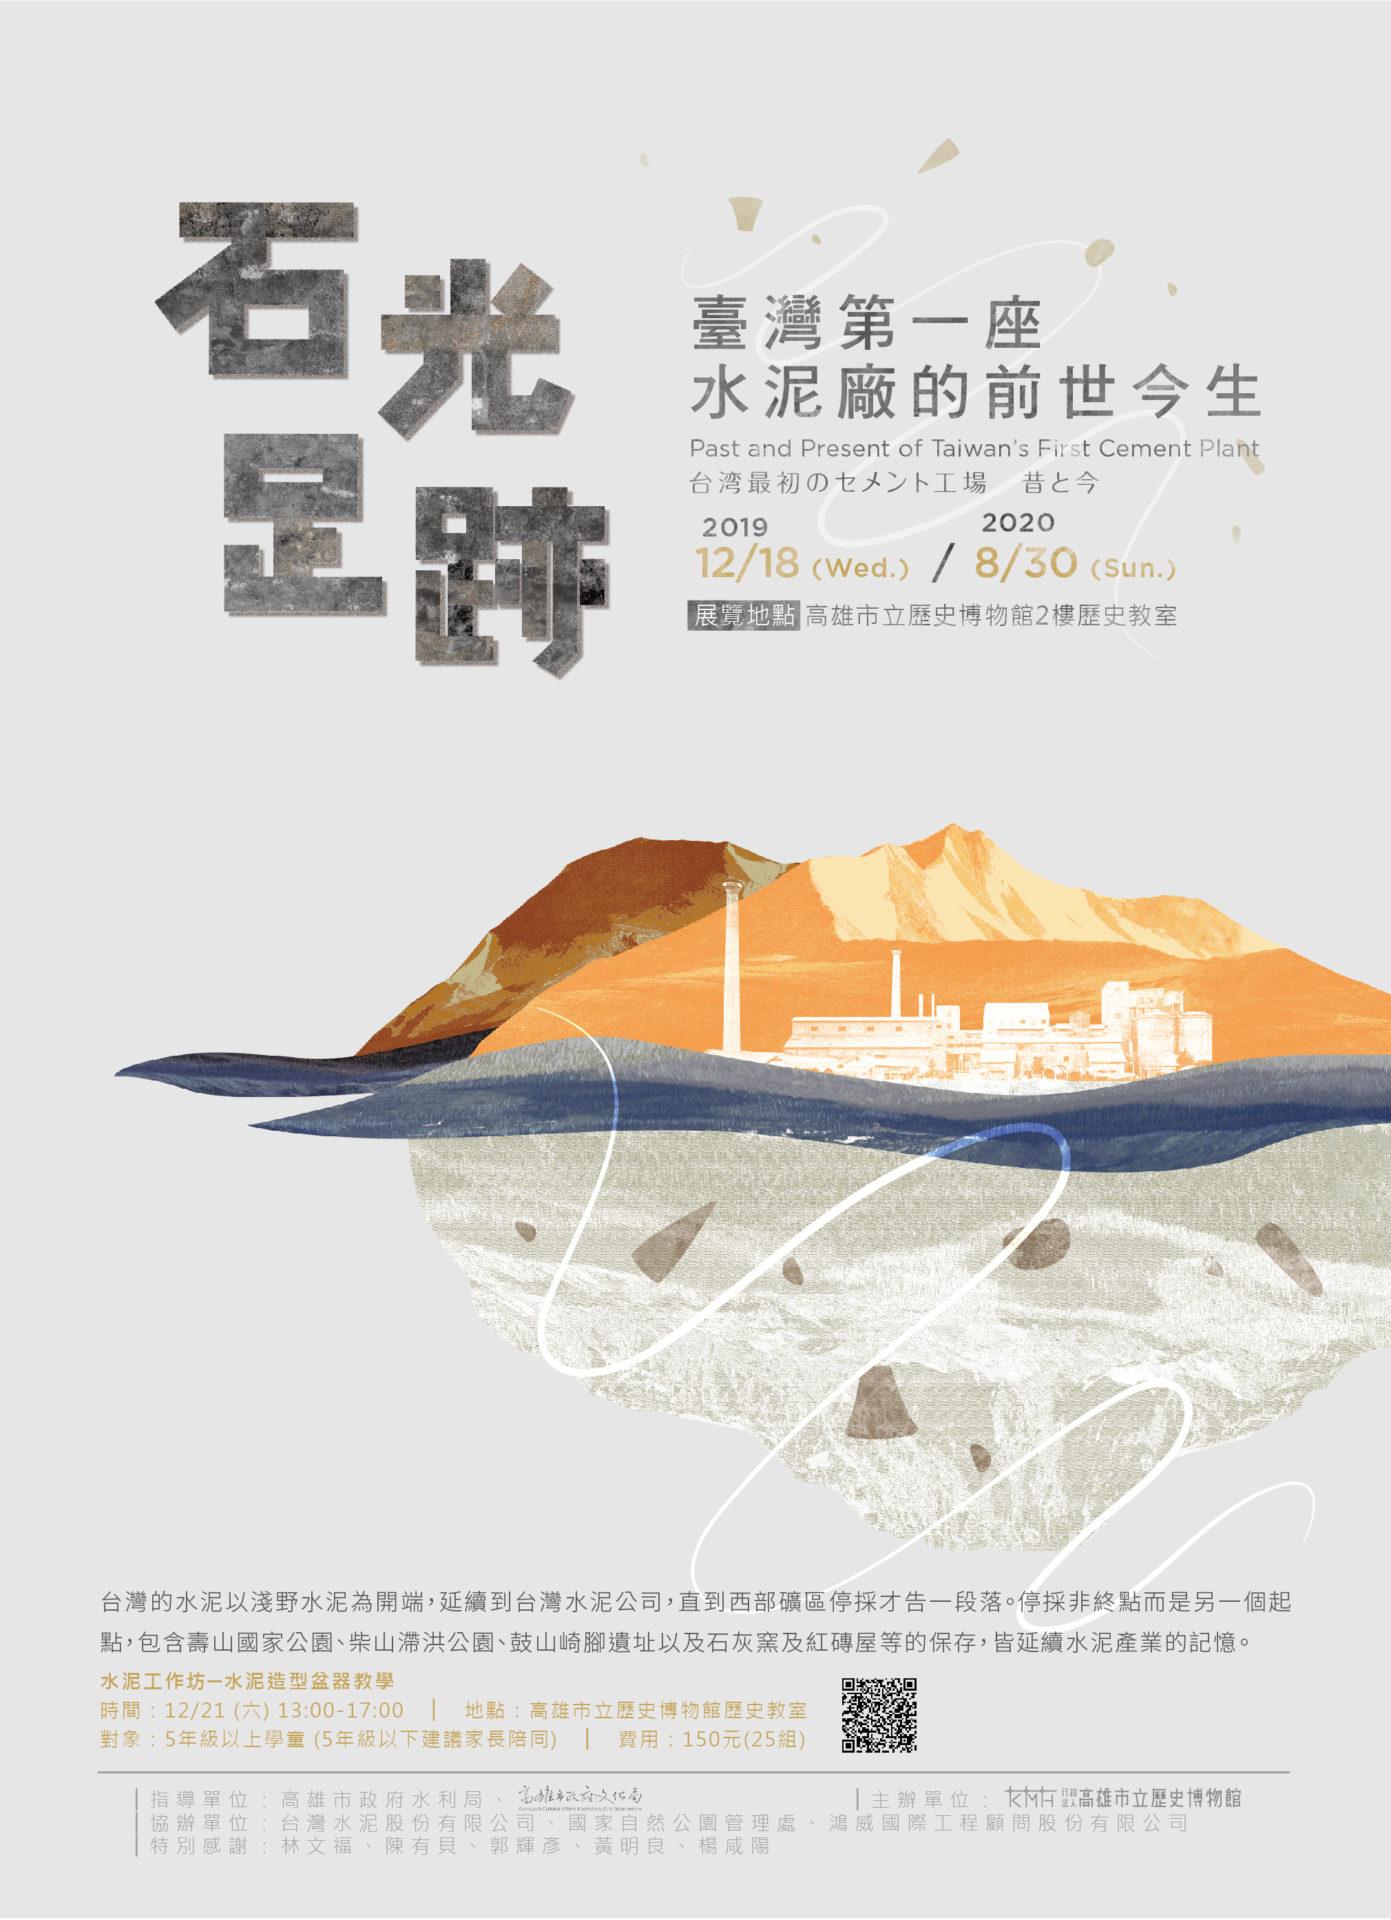 高雄市立歷史博物館:2019/12/18 -2020/8/30【石光足跡-臺灣第一座水泥廠的前世今生】